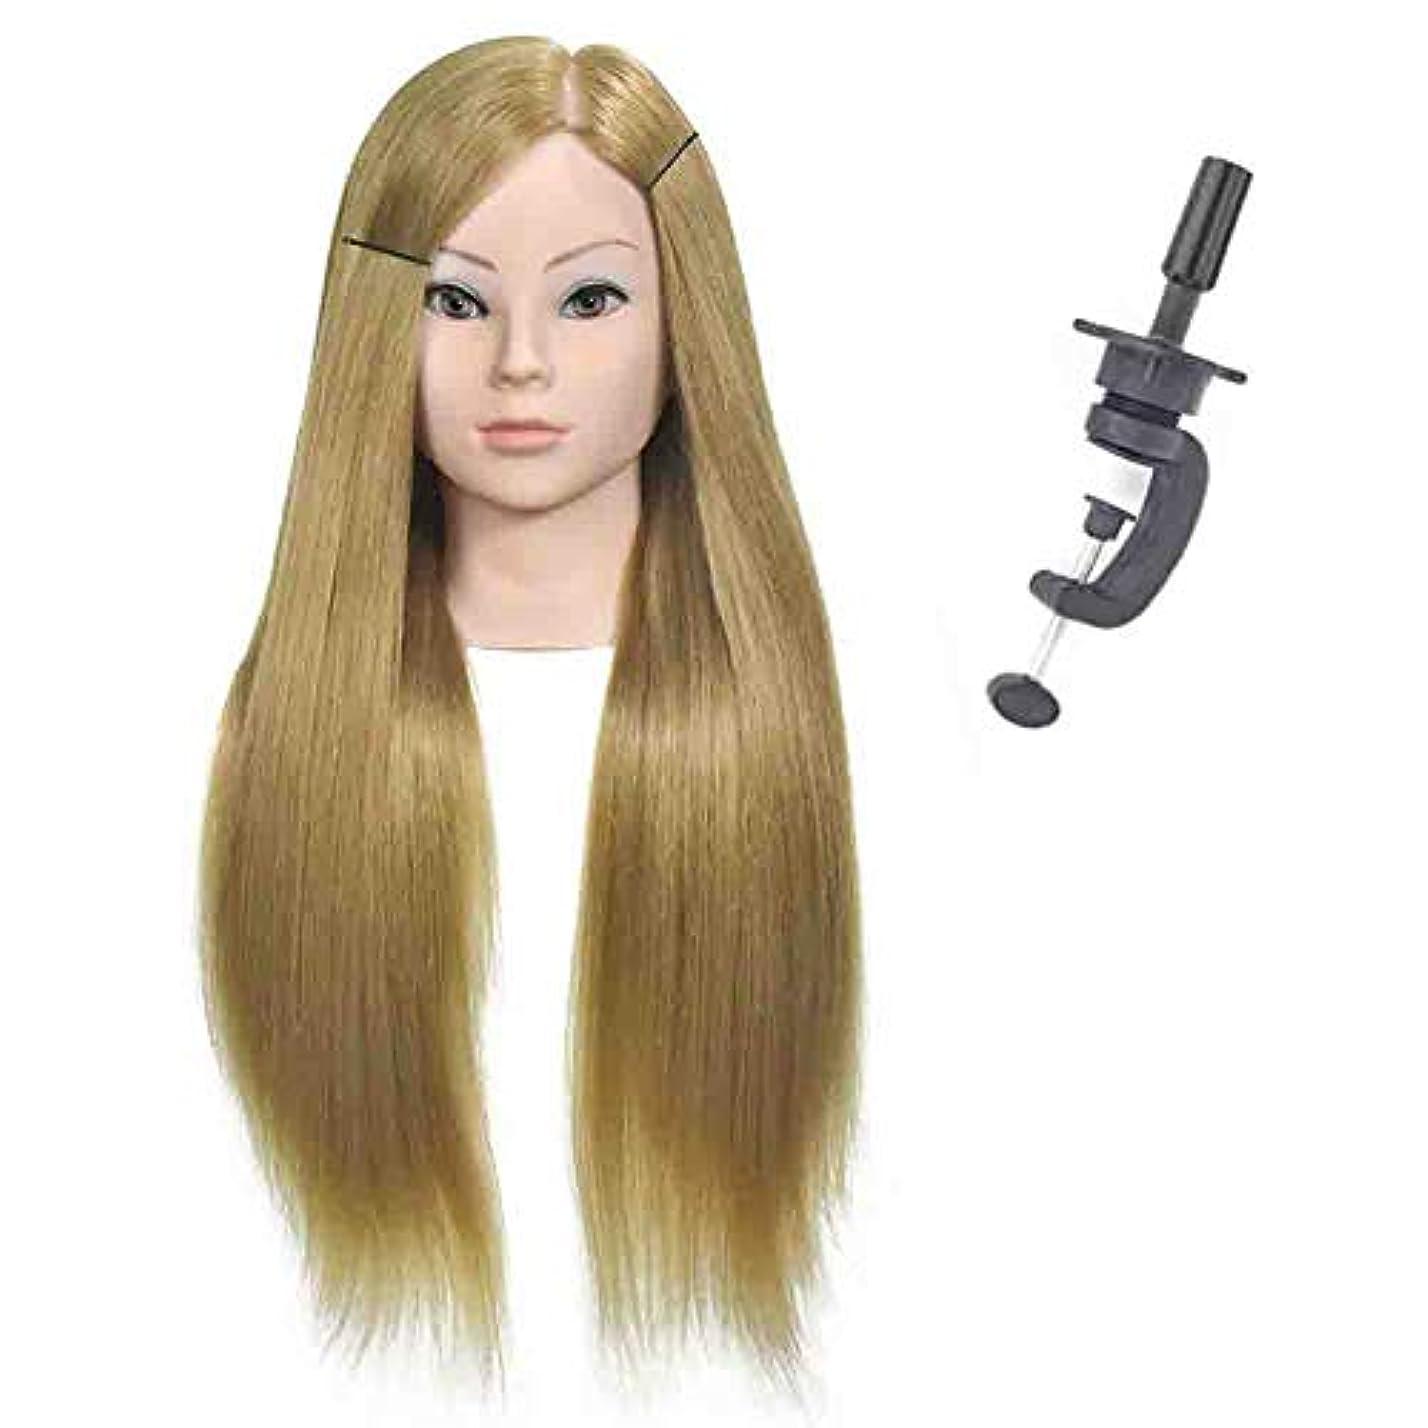 考慮パンダ遺跡花嫁メイクモデリング教育ヘッド本物の人物ヘアダミーヘッドモデル理髪店学習パーマ髪染めモデルヘッド